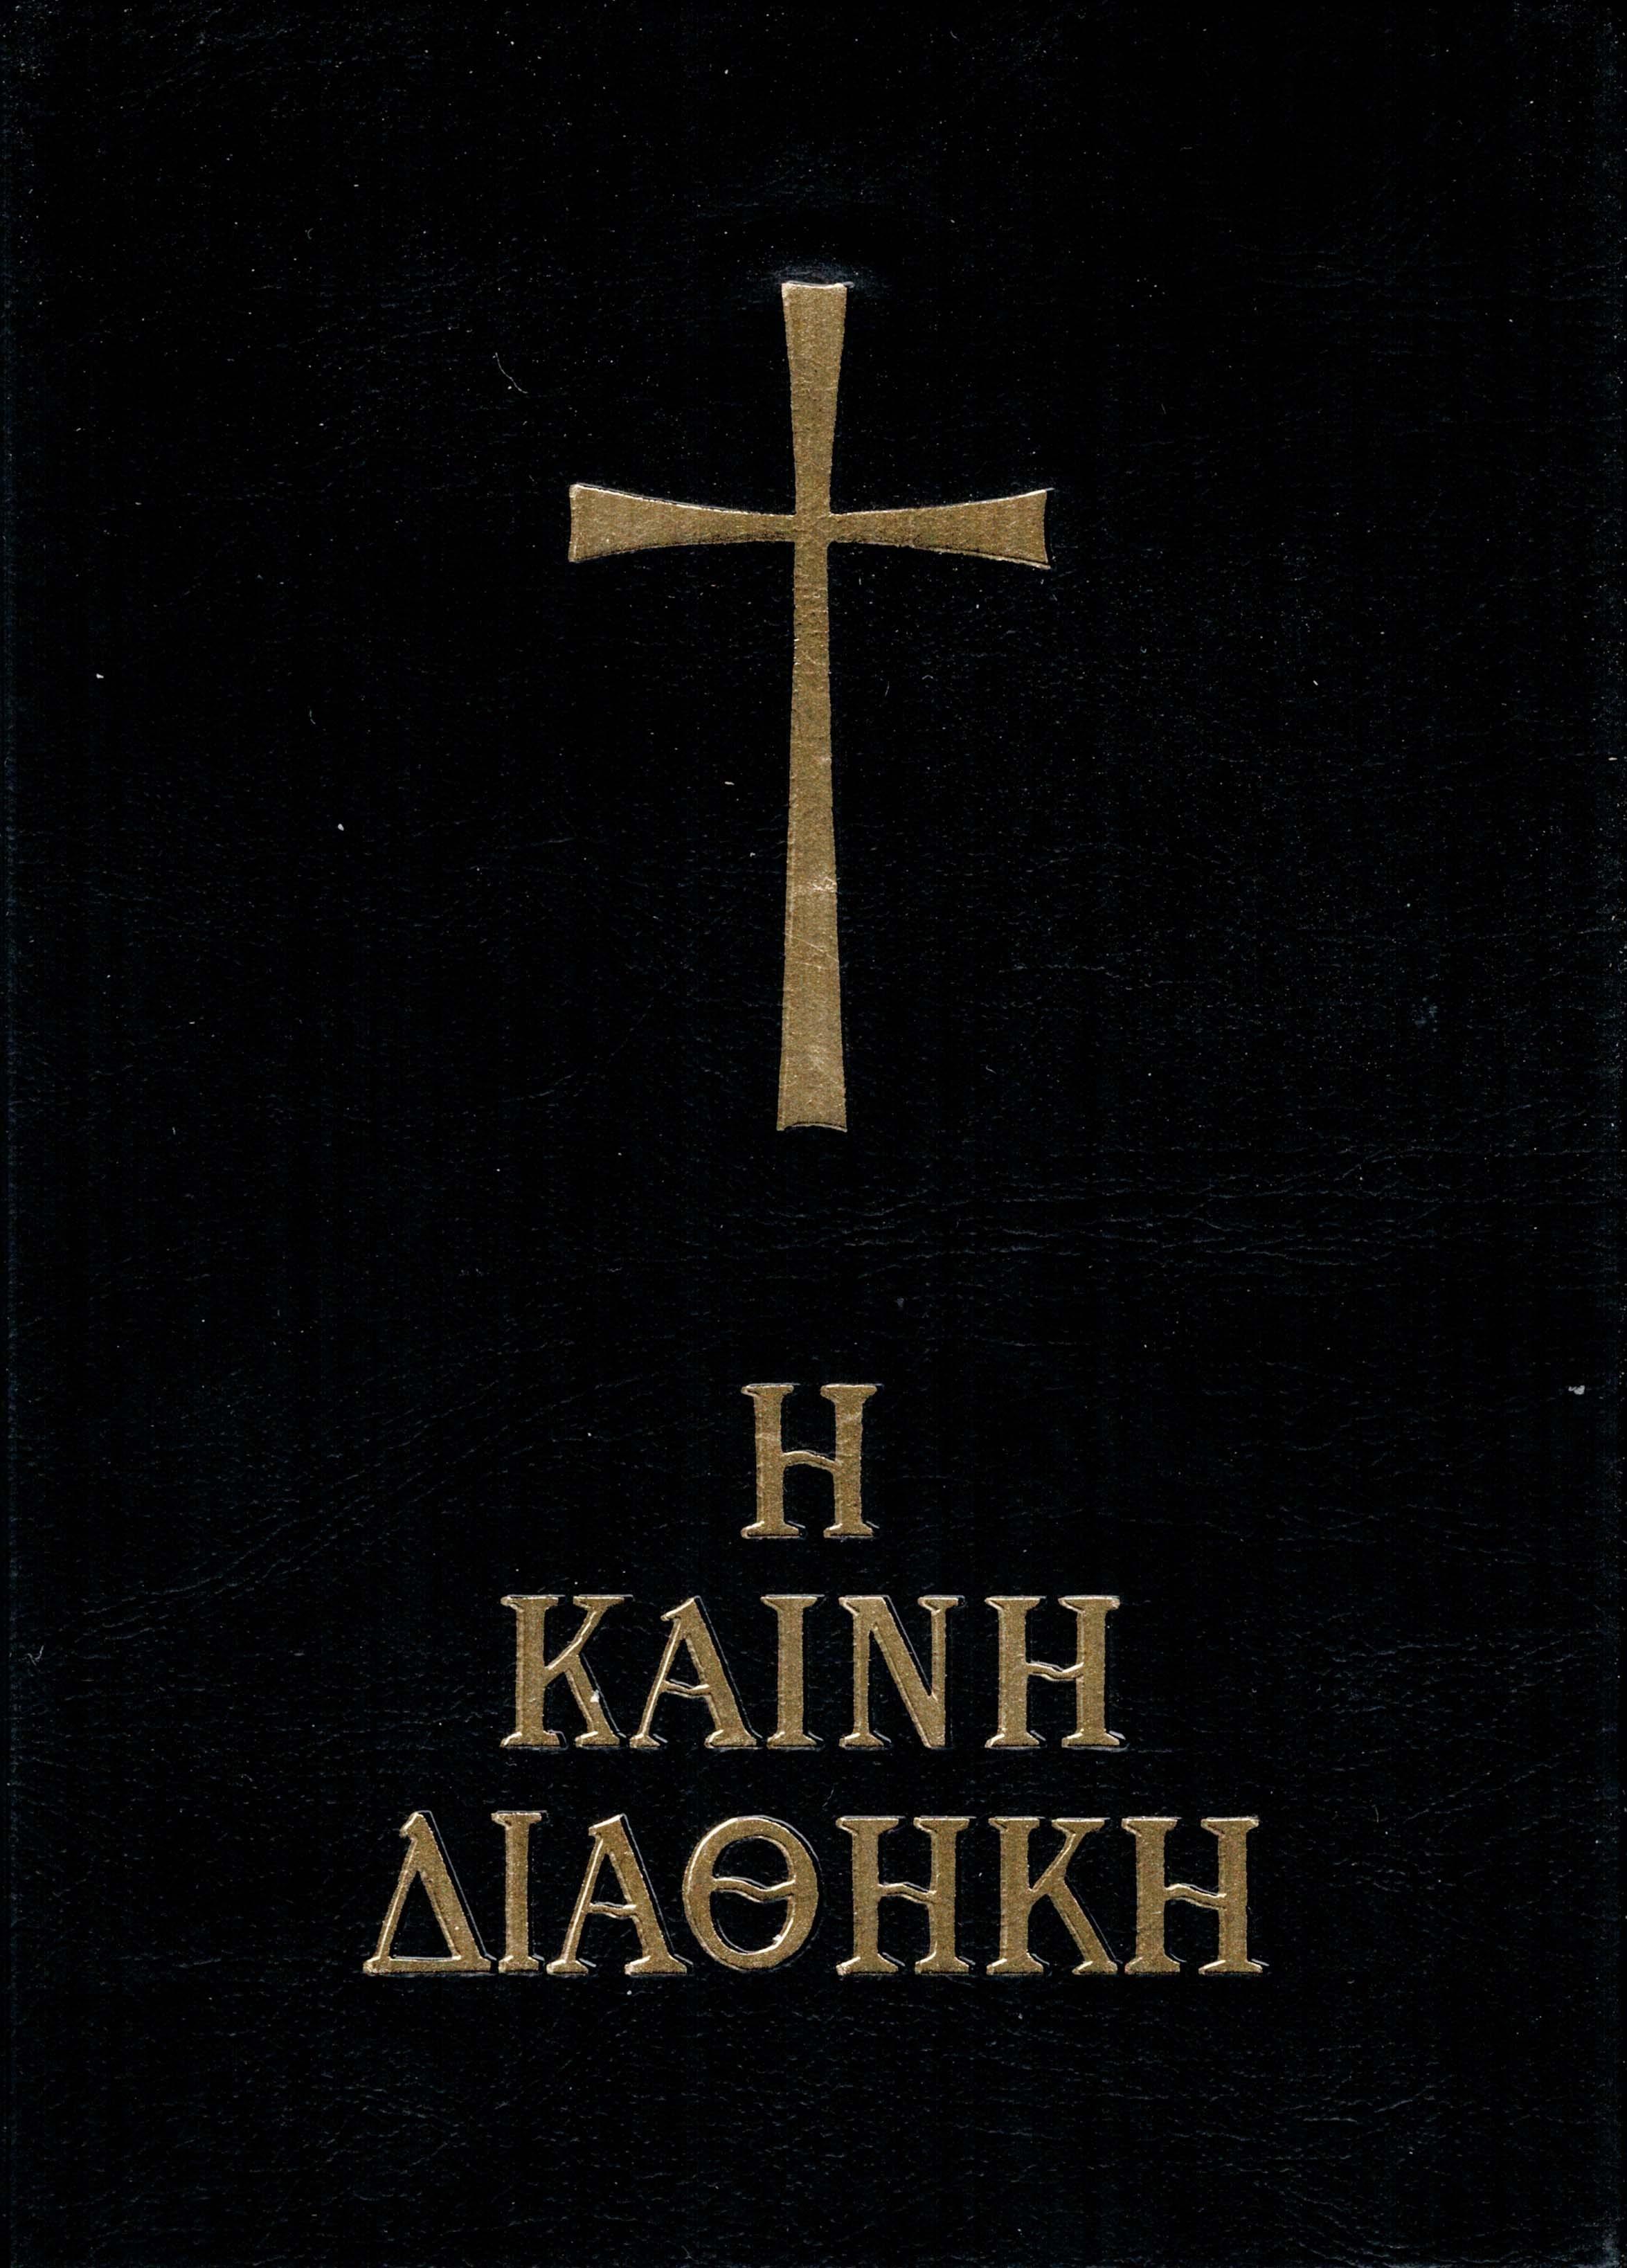 Αγία Γραφή Η ΚΑΙΝΗ ΔΙΑΘΗΚΗ (ΜΙΚΡΟΥ ΣΧΗΜΑΤΟΣ - μόνο κείμενο)